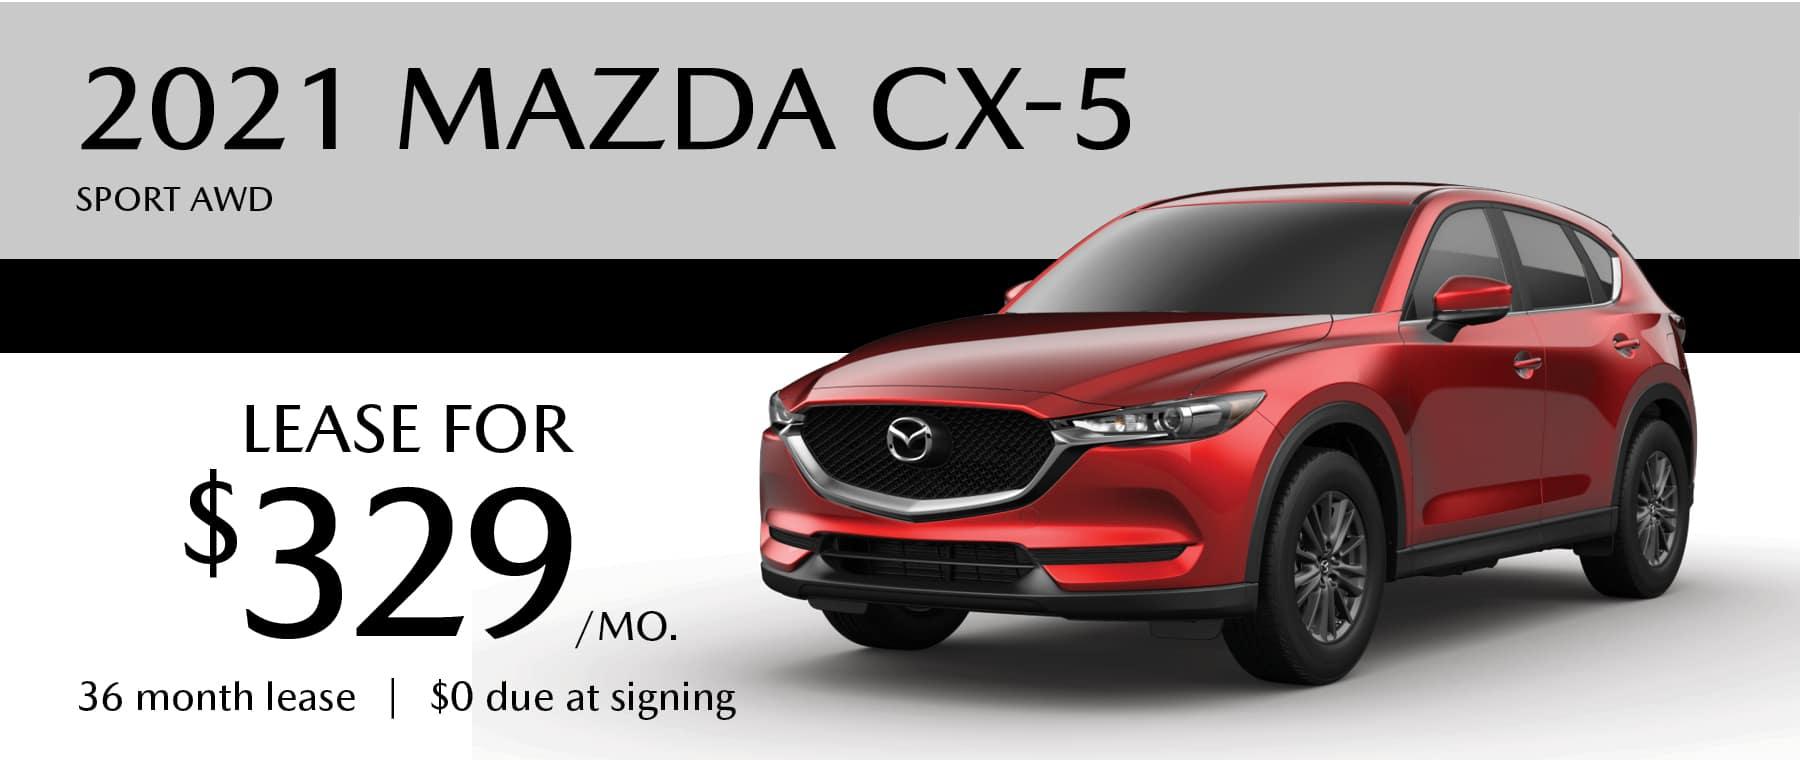 2021 Mazda CX-5 at Smail Mazda in Greensburg